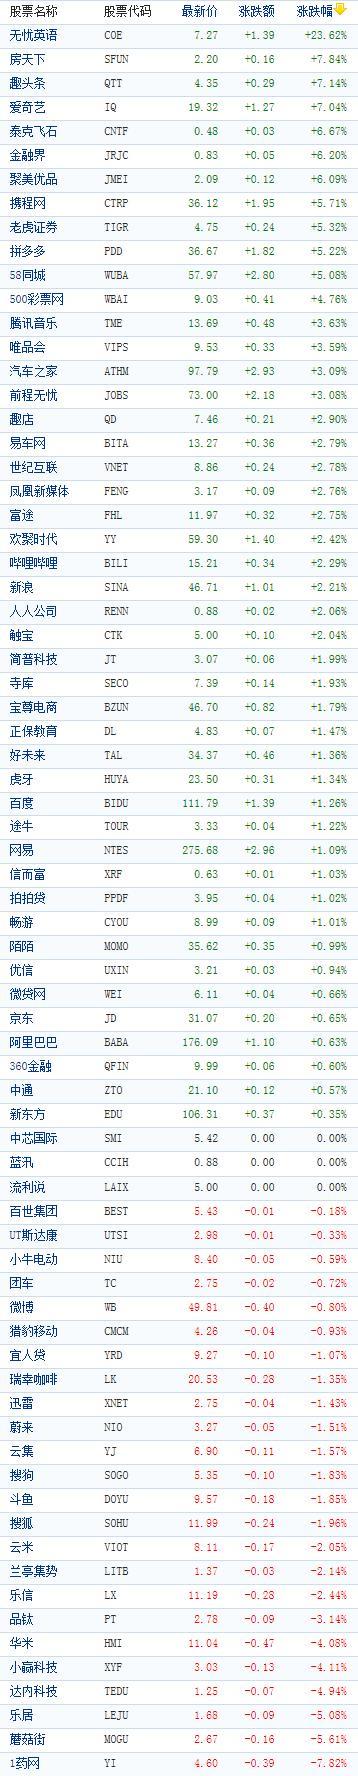 中国概念股周三收盘涨跌互现 无忧英语飙涨24%